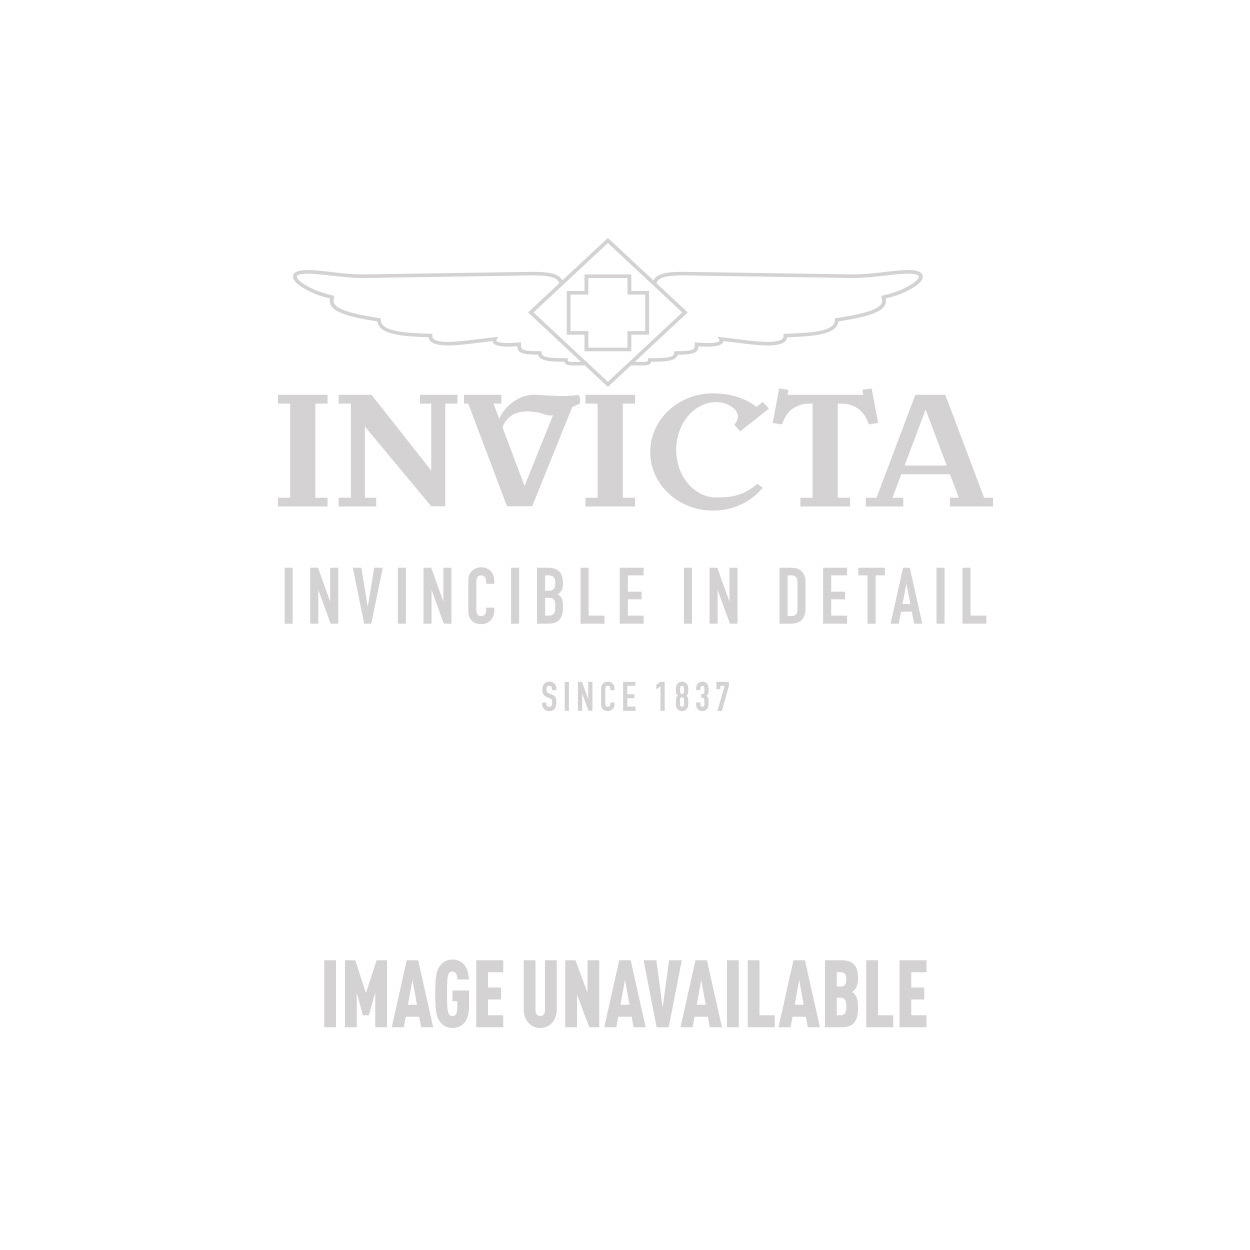 Invicta Model 27502